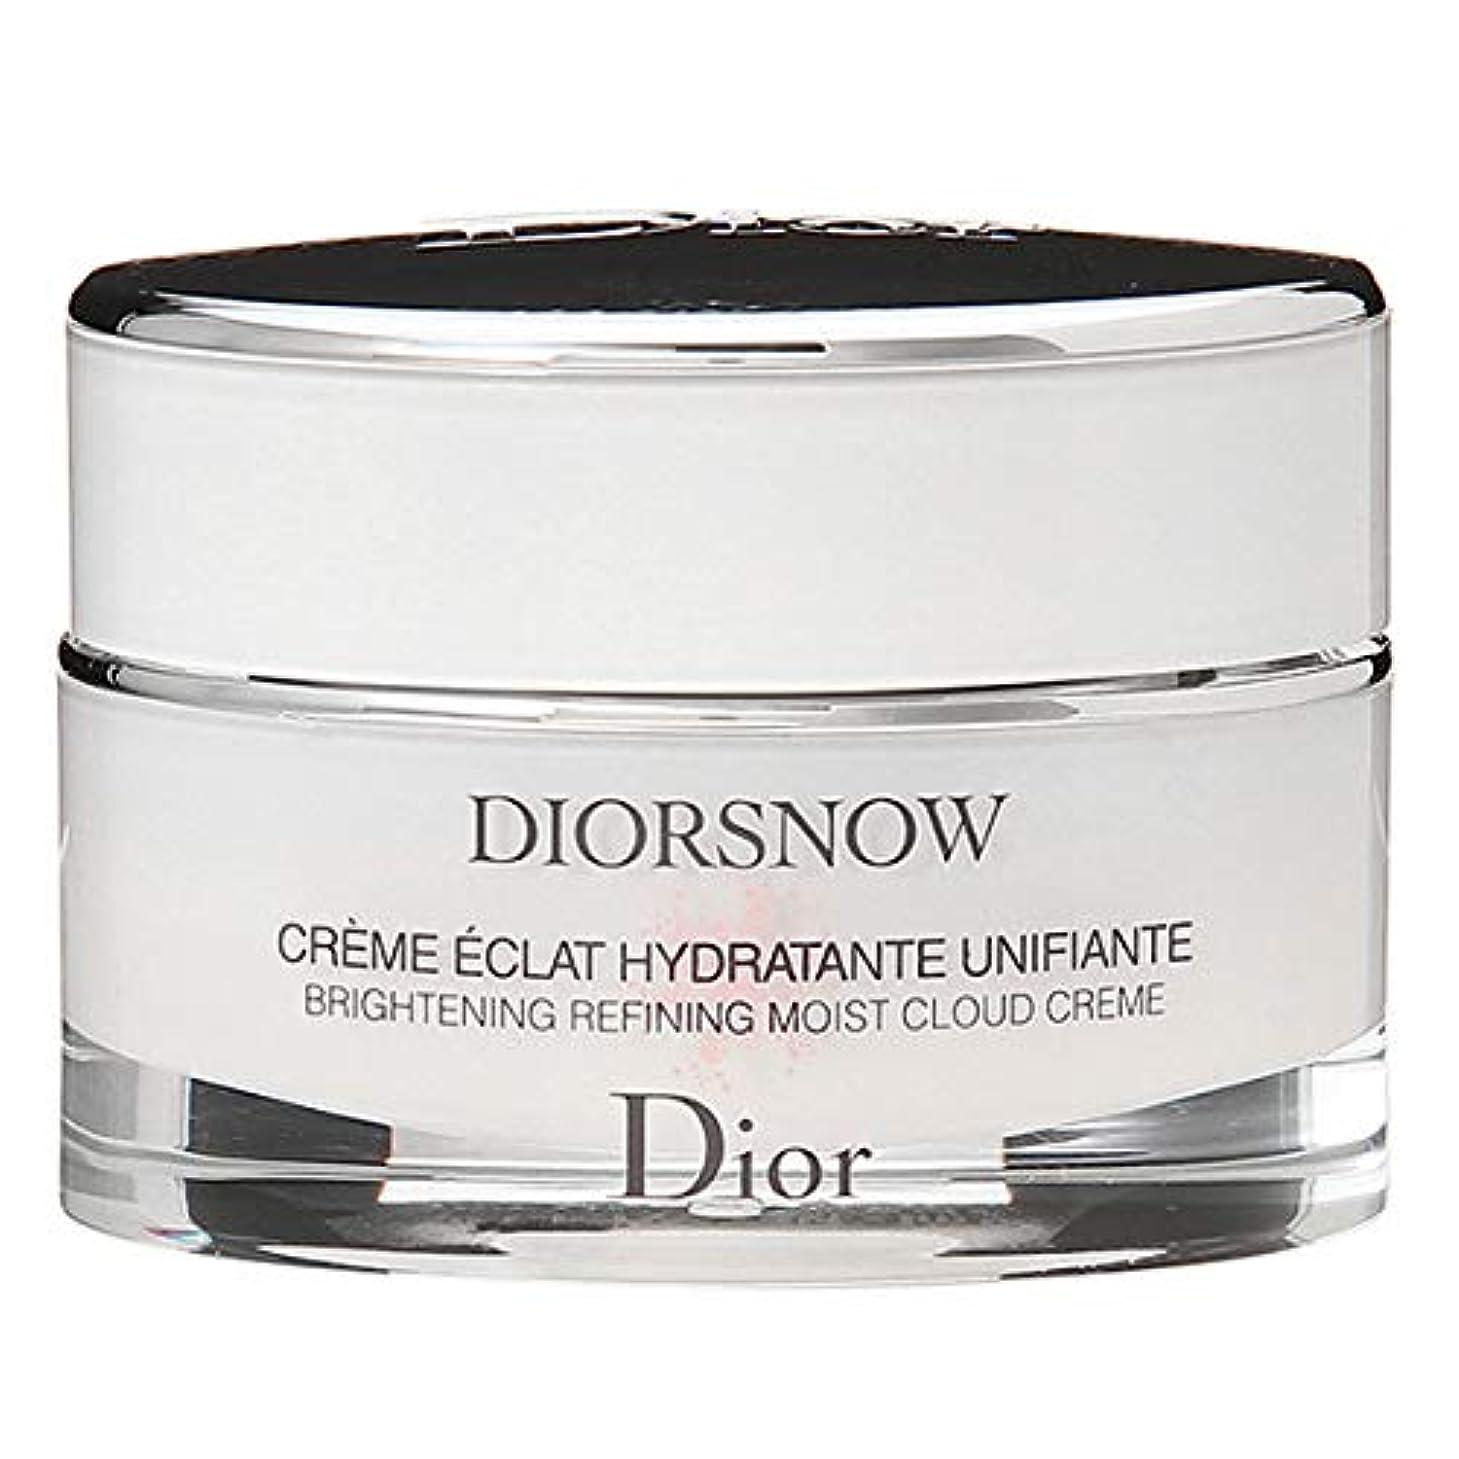 香りコンサートしゃがむクリスチャンディオール Christian Dior ディオール スノー ブライトニング モイスト クリーム 50mL [並行輸入品]